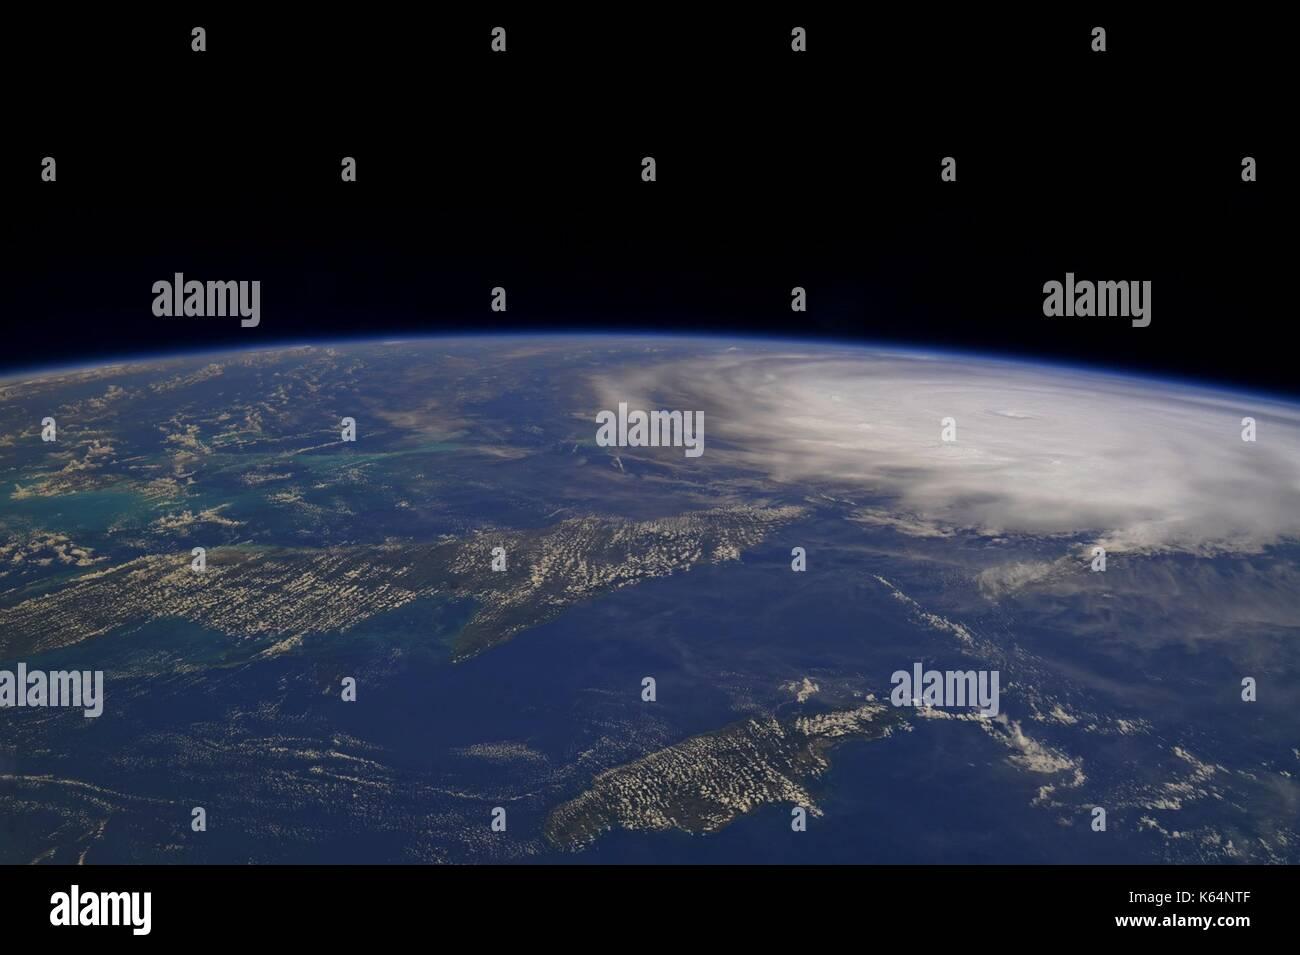 L'ouragan l'irma sur les Turcs et Caicos qu'il balaie les caraïbes vers le sud de la Floride comme une tempête de catégorie 5 comme vu par les astronautes dans la station spatiale internationale le 9 septembre 2017. Photo Stock